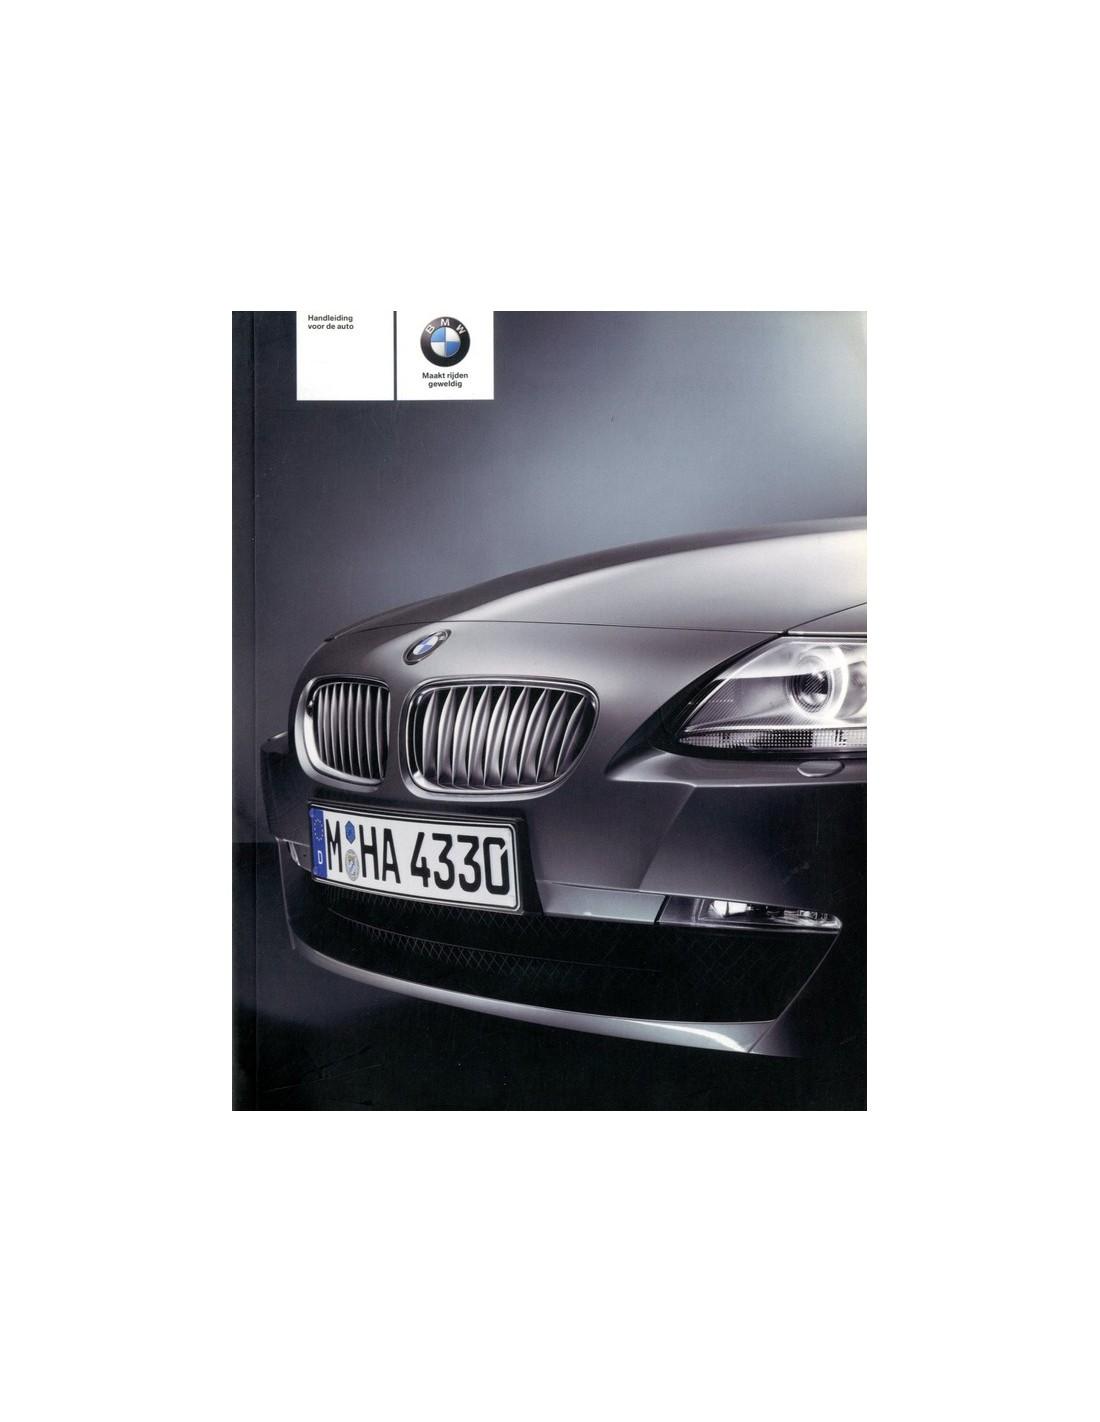 2006 bmw z4 owner s manual dutch rh autolit eu 2006 bmw z4 radio owners manual BMW Z4 Repair Manual Online